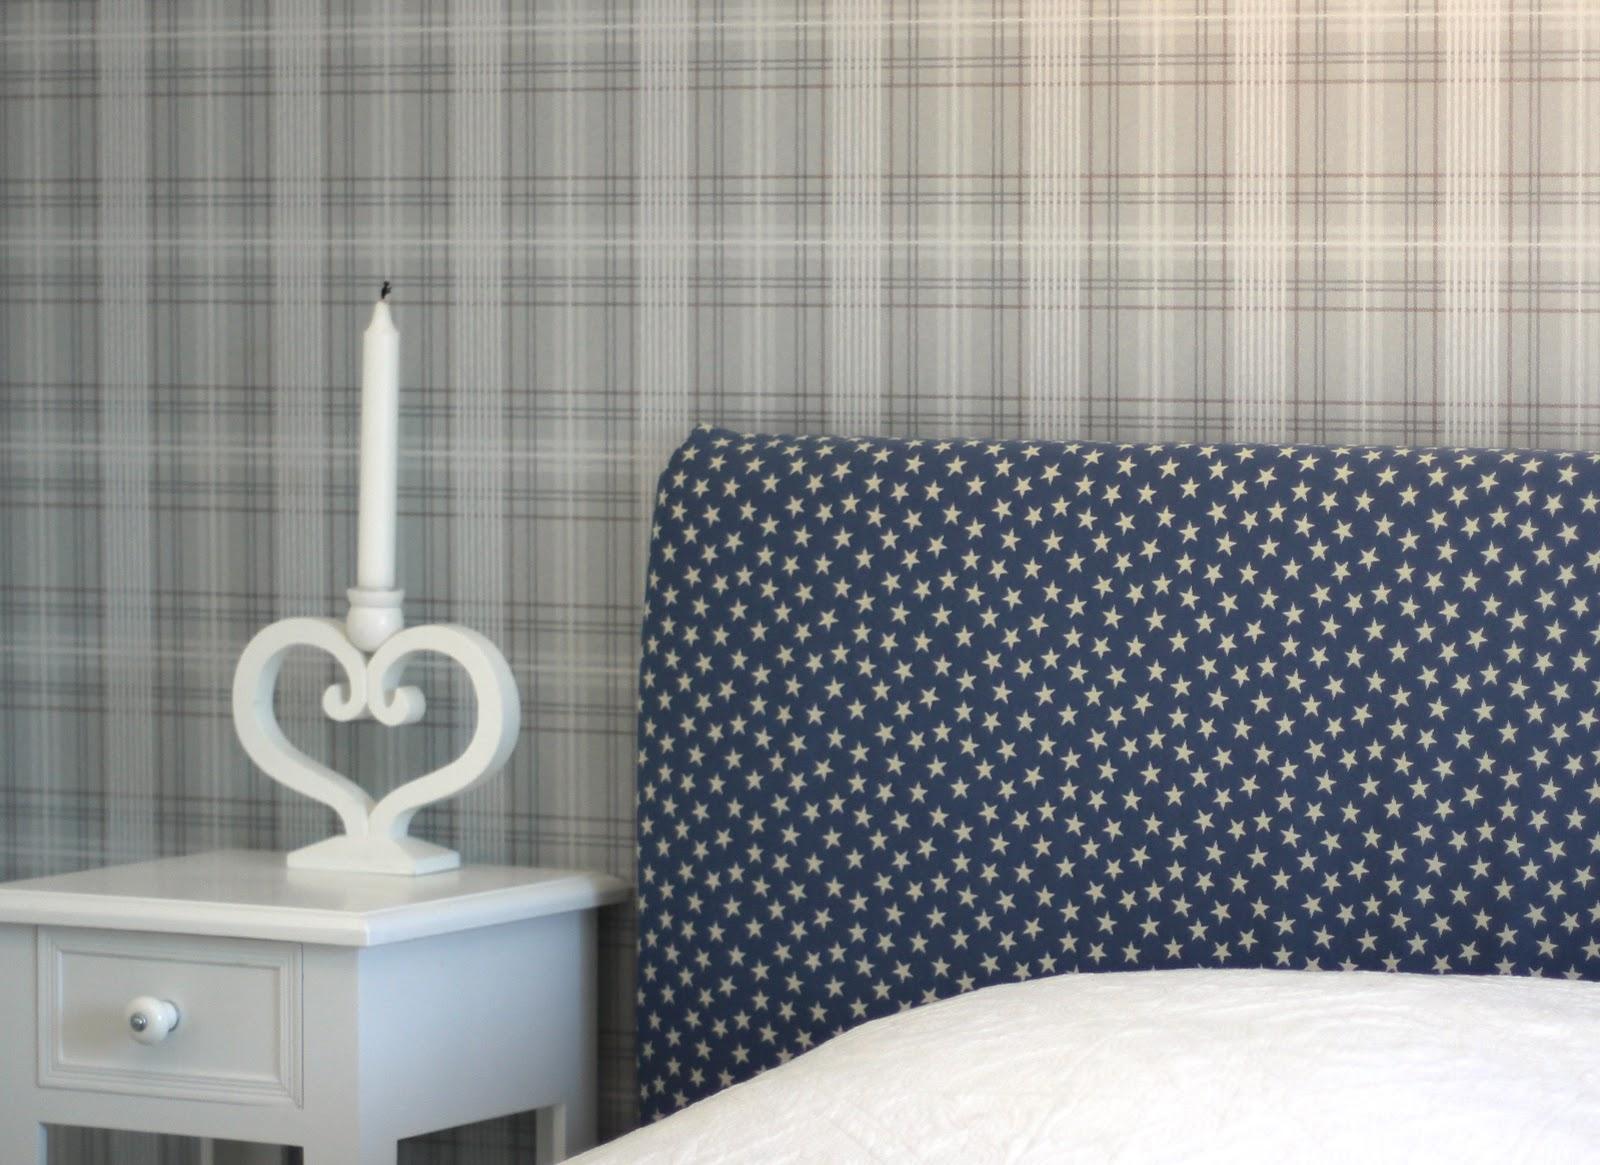 Vitt och blått: sovrum